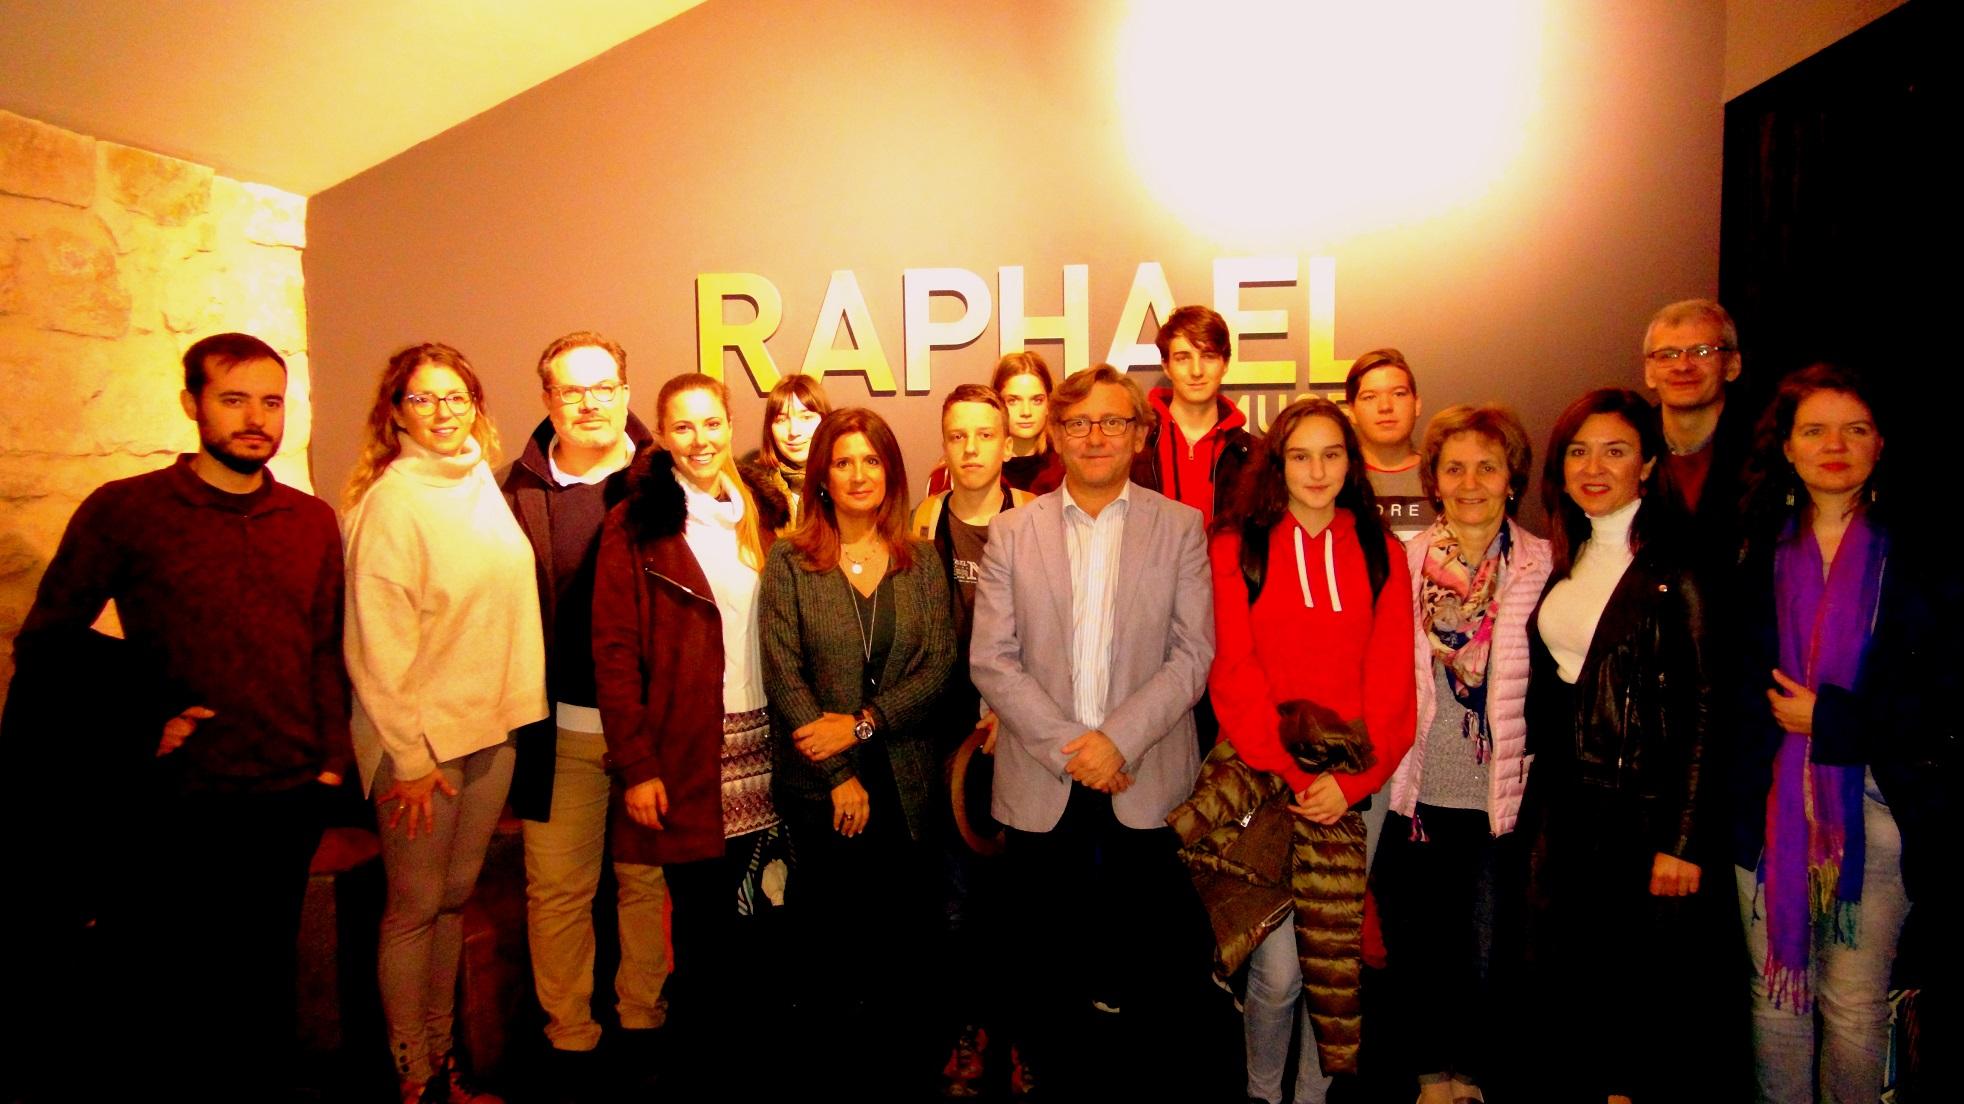 El Conservatorio de Linares recibe treinta participantes extranjeros de las becas Erasmus - HoraJaén